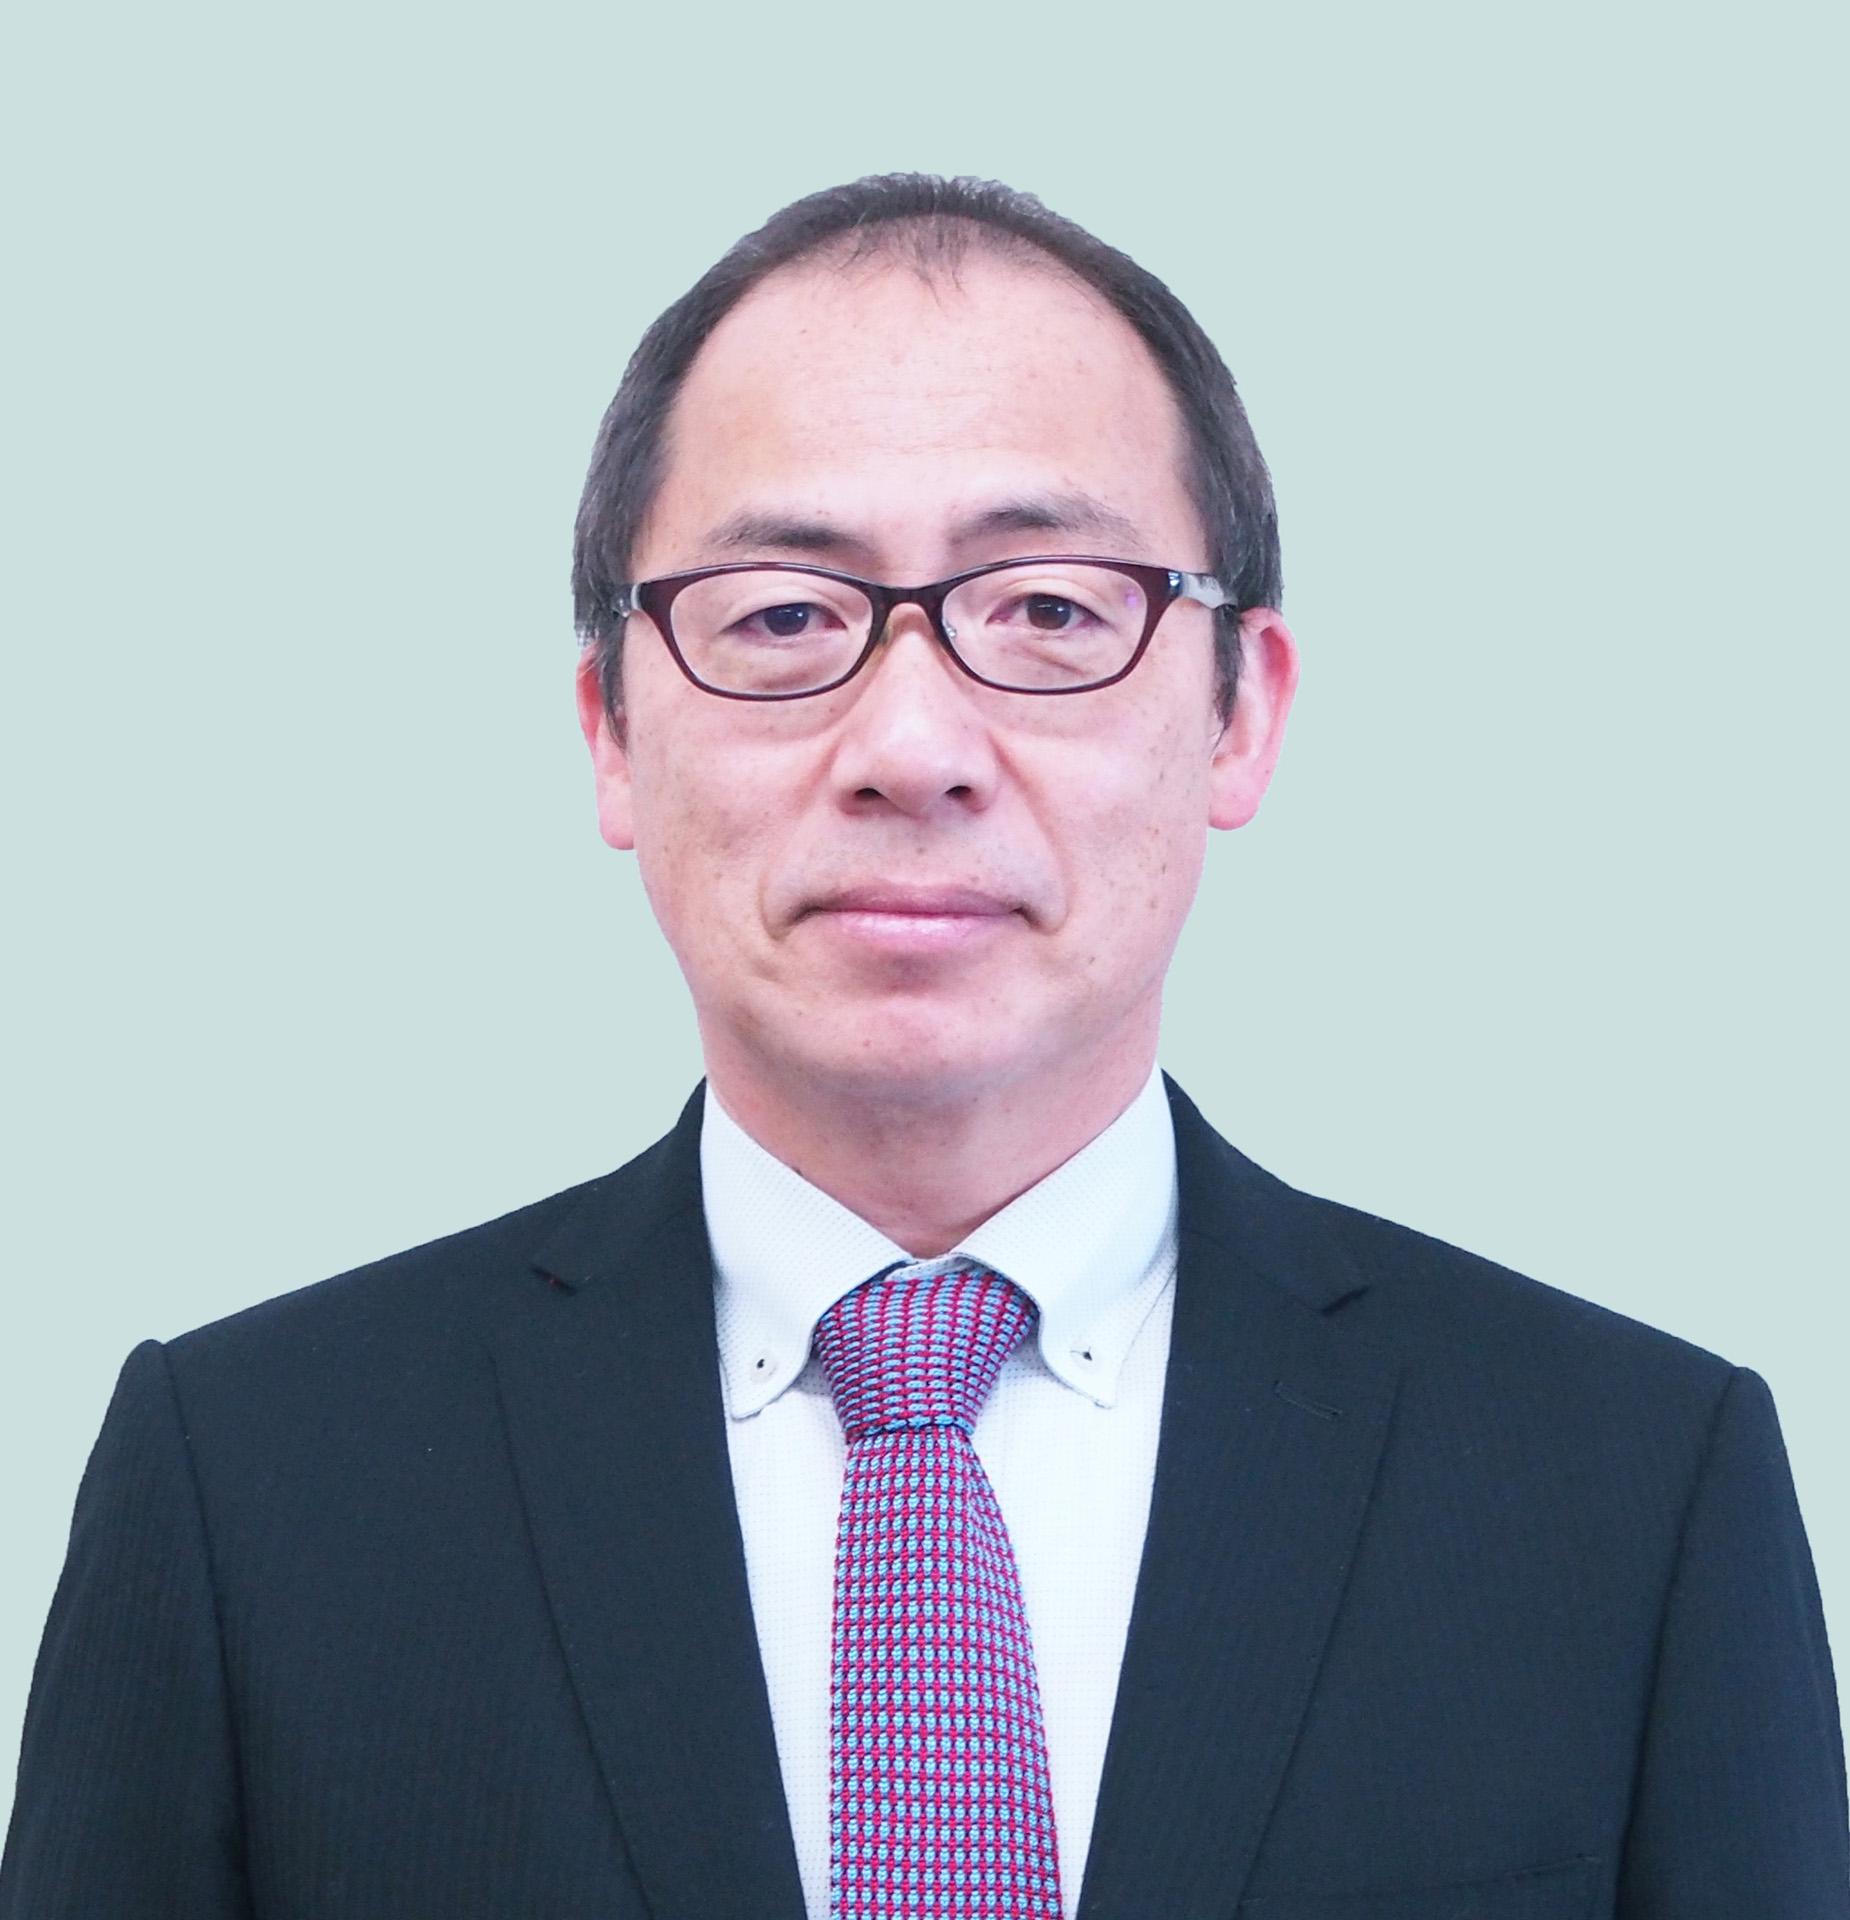 大谷大学が第28代学長に文学部教授 木越 康を選任